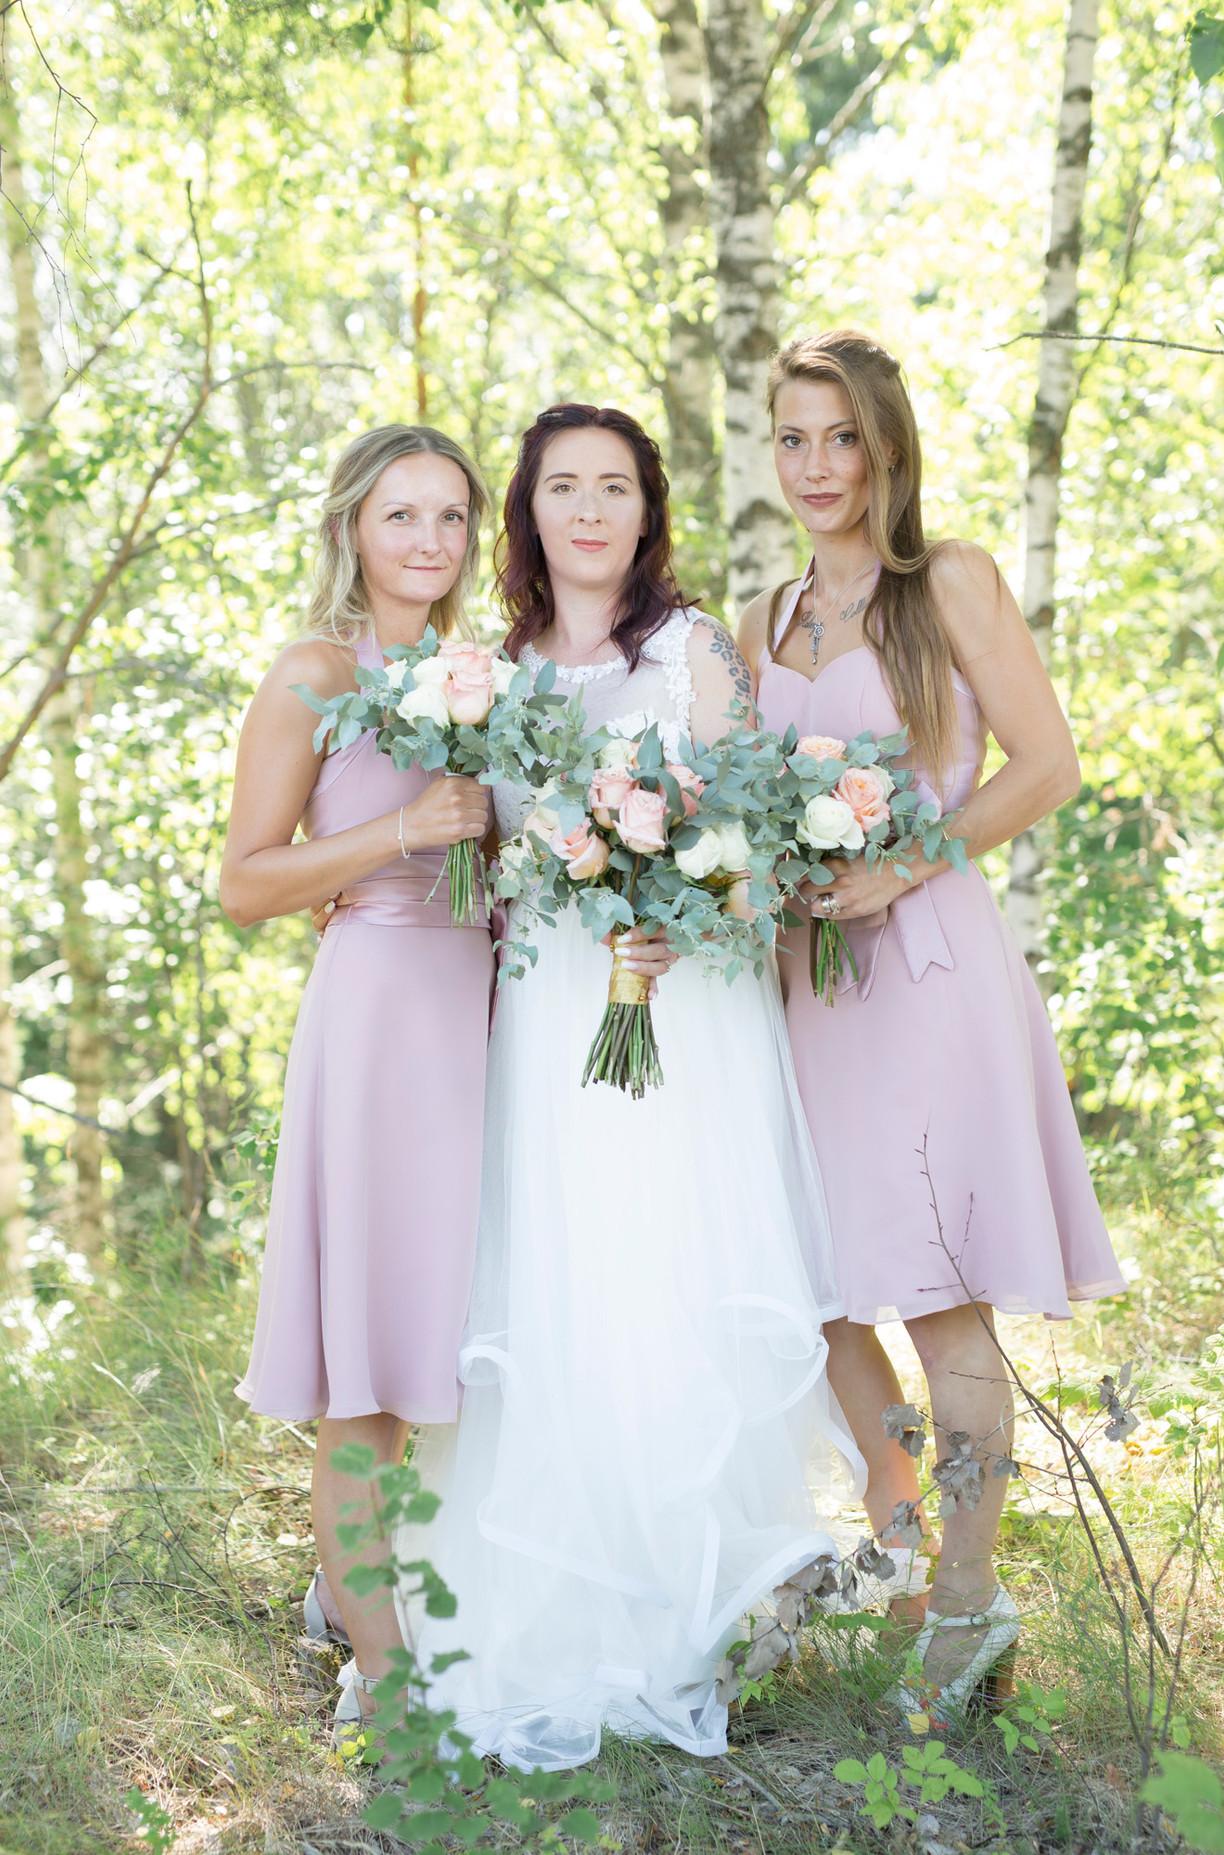 Kristofer & Saara, bröllopsfotografering Trosa